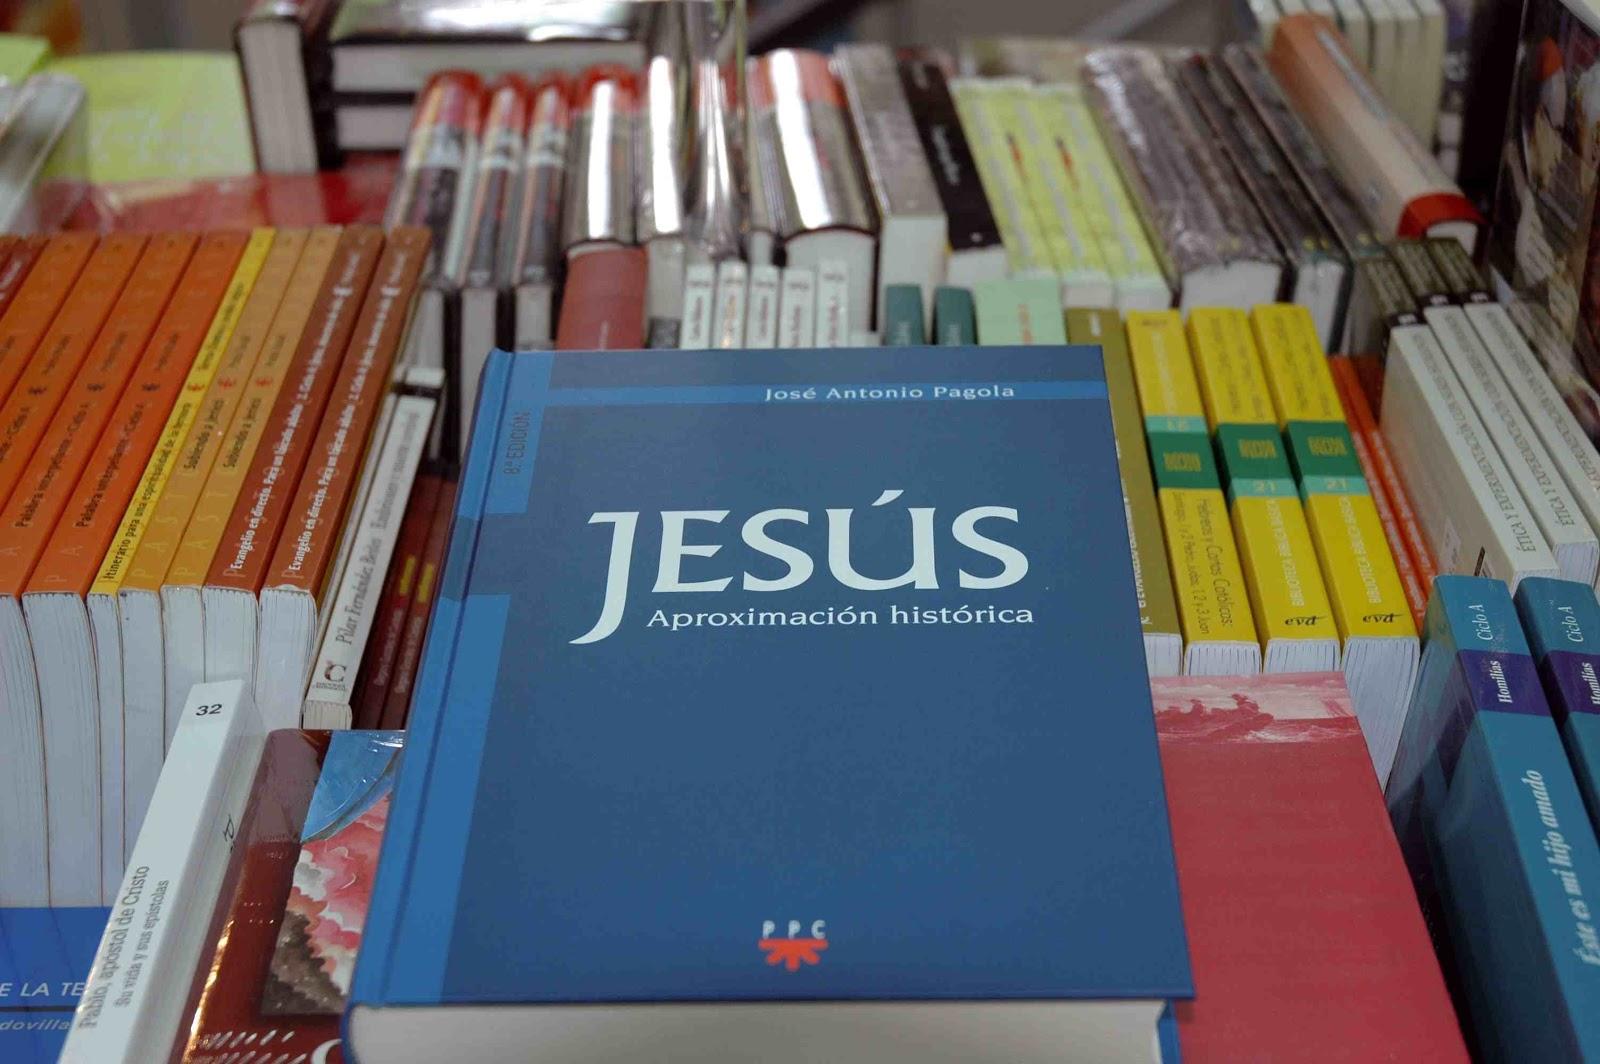 El Jesús de Pagola libre de herejía